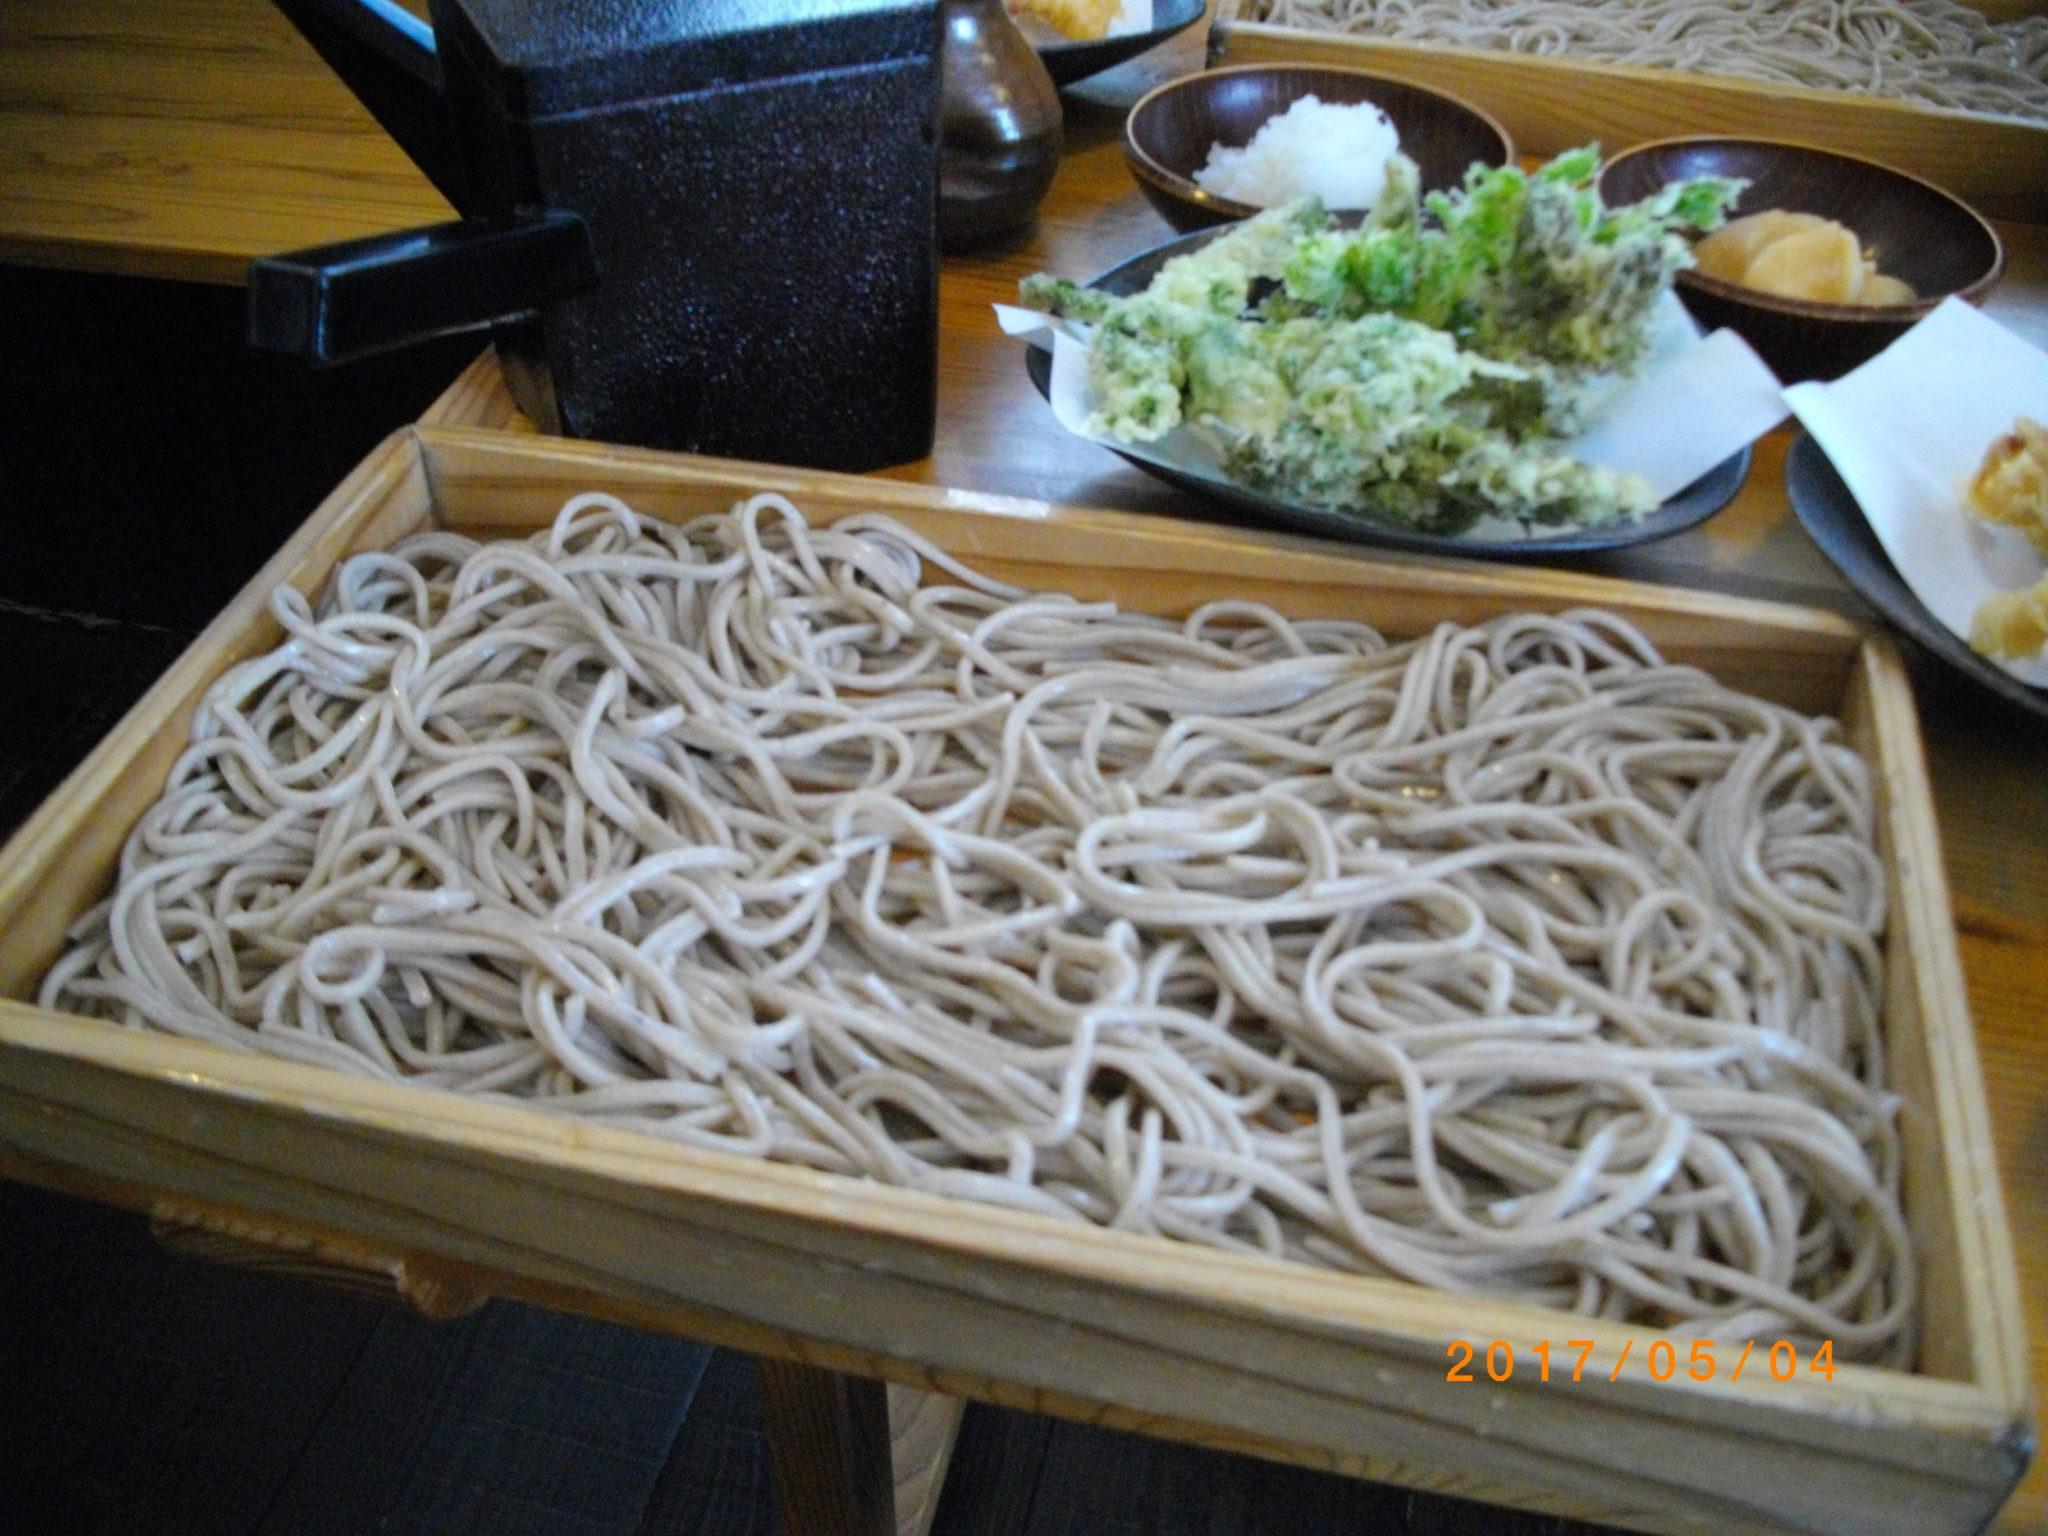 石臼十割そば 愛庵(めごあん)!山形板そばが美味しかった!